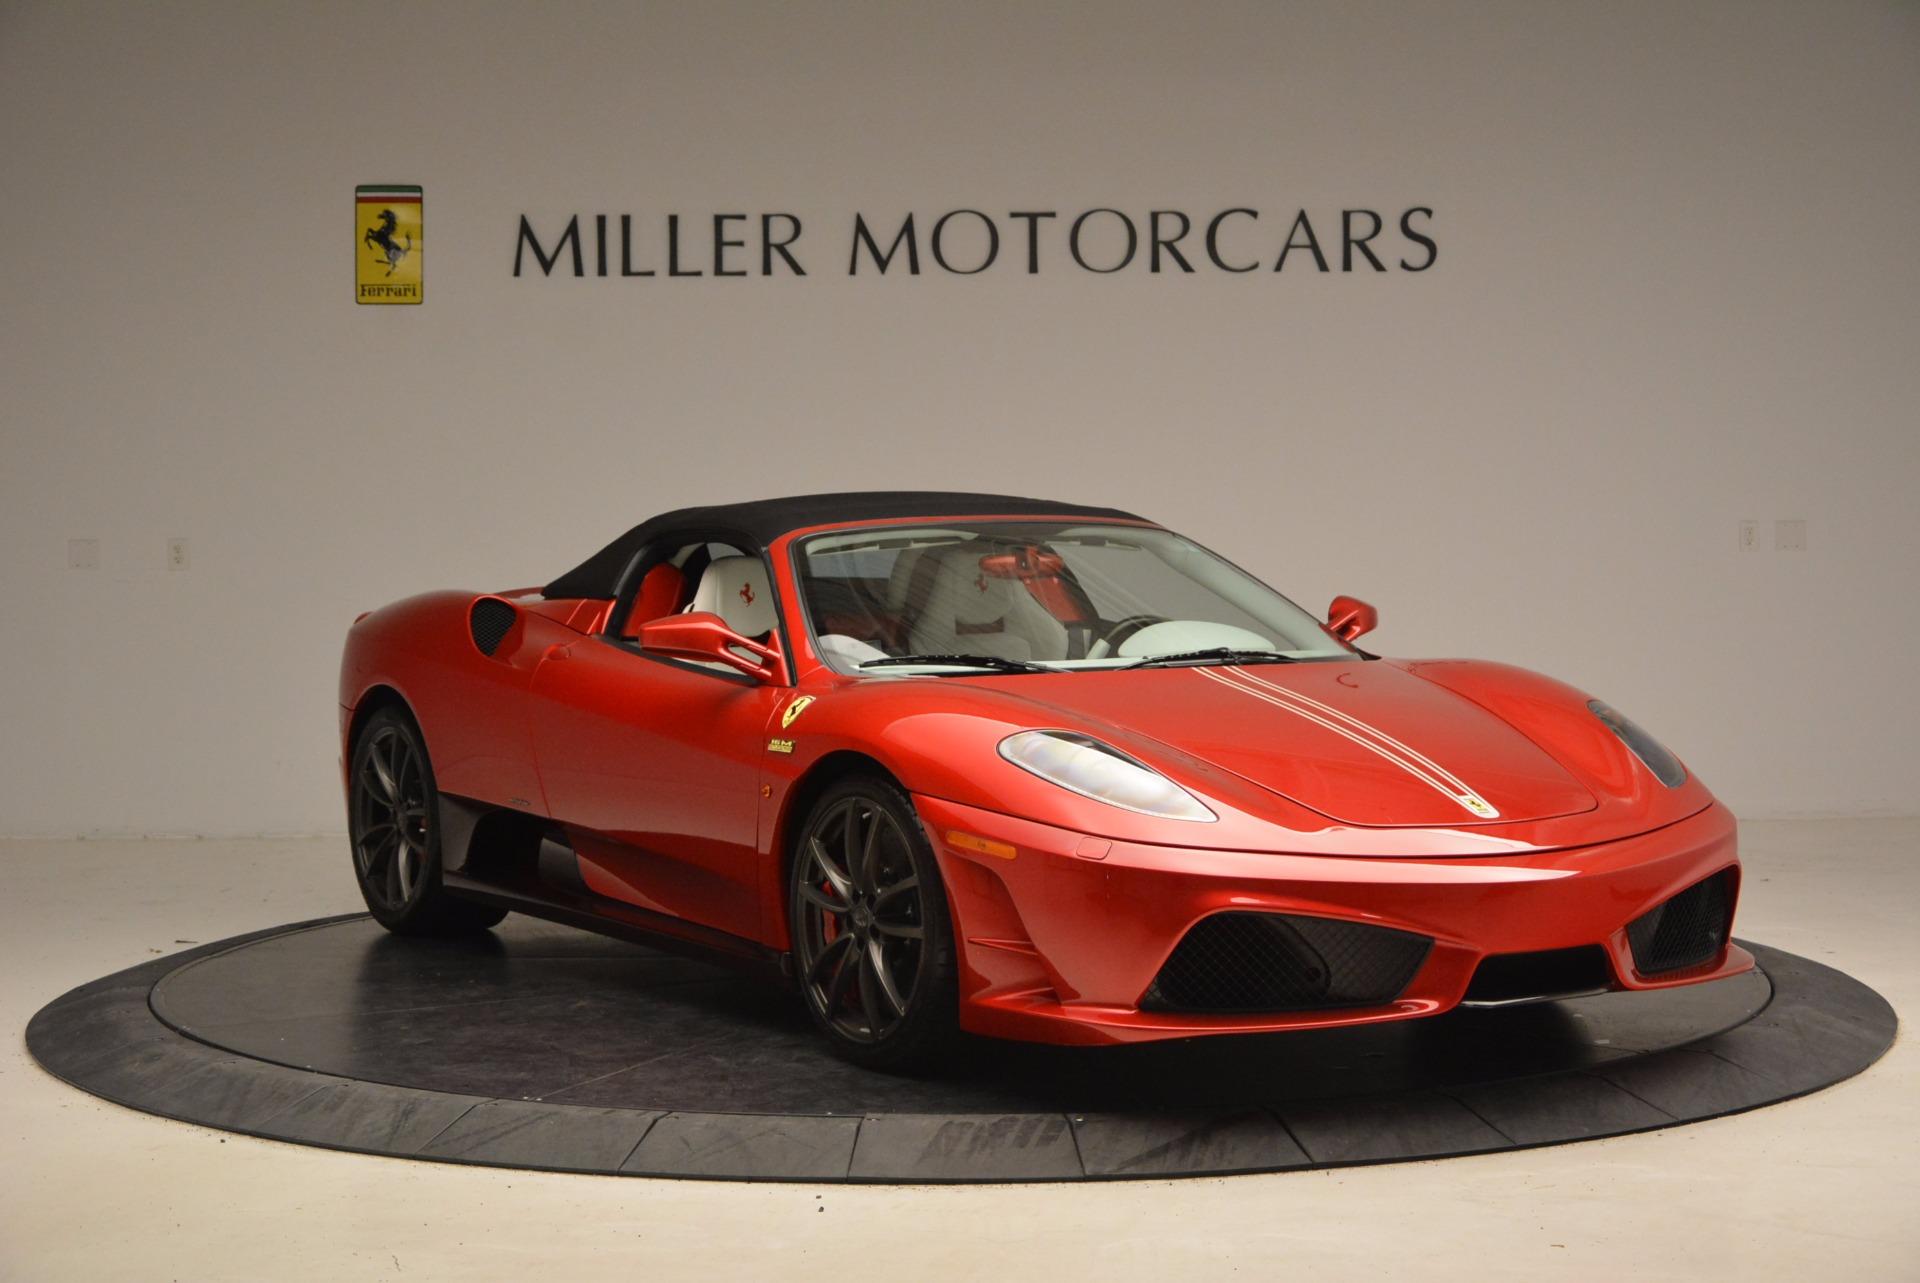 Used 2009 Ferrari F430 Scuderia 16M For Sale In Greenwich, CT. Alfa Romeo of Greenwich, 4404 1398_p23